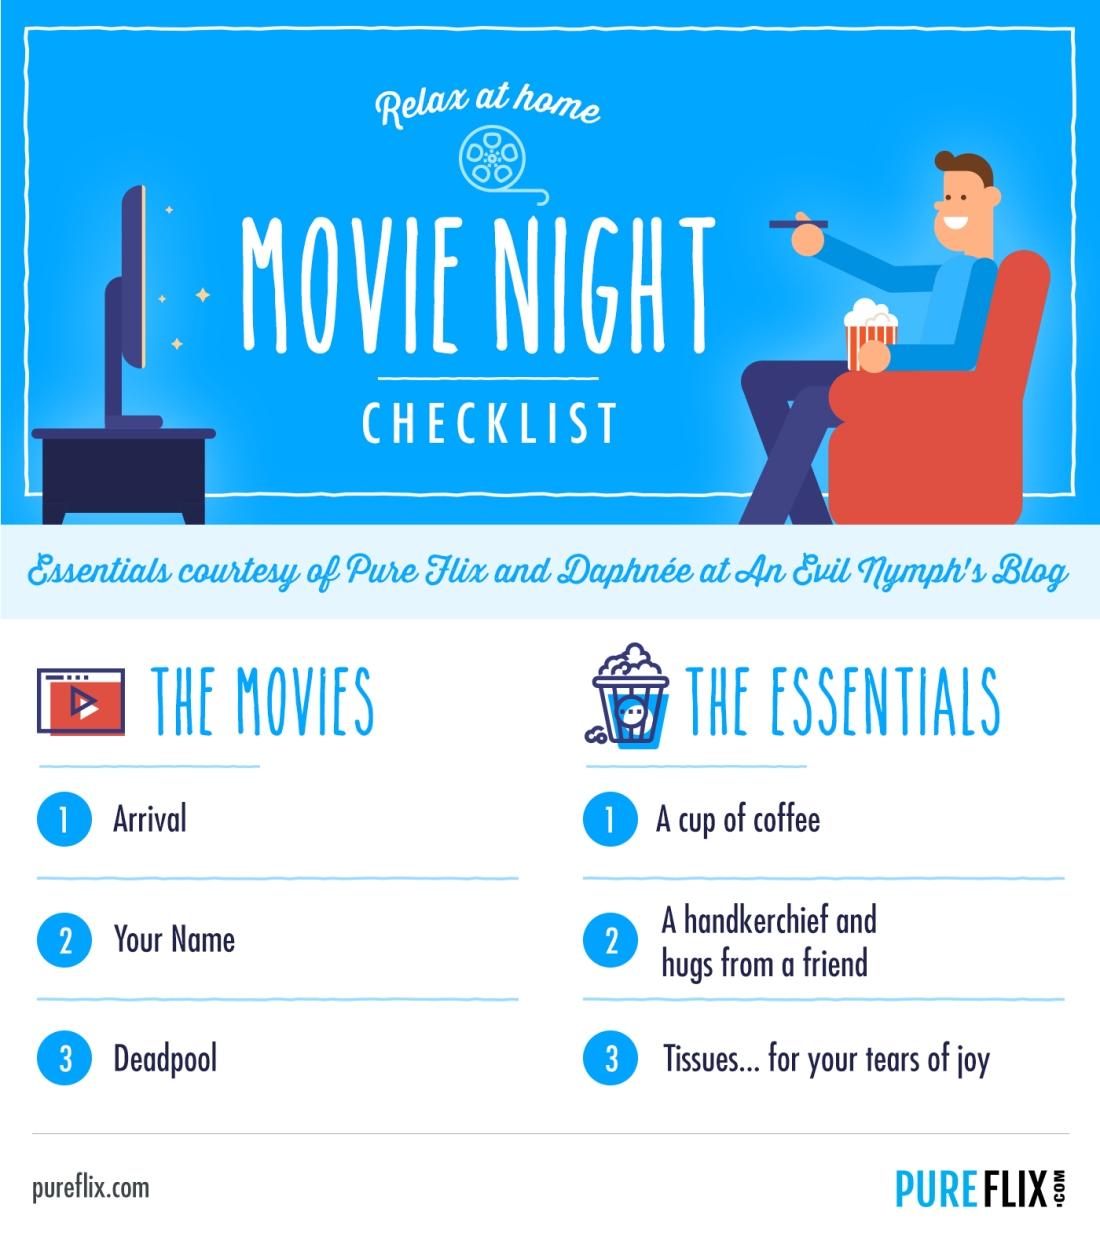 daphnee_movie_checklist